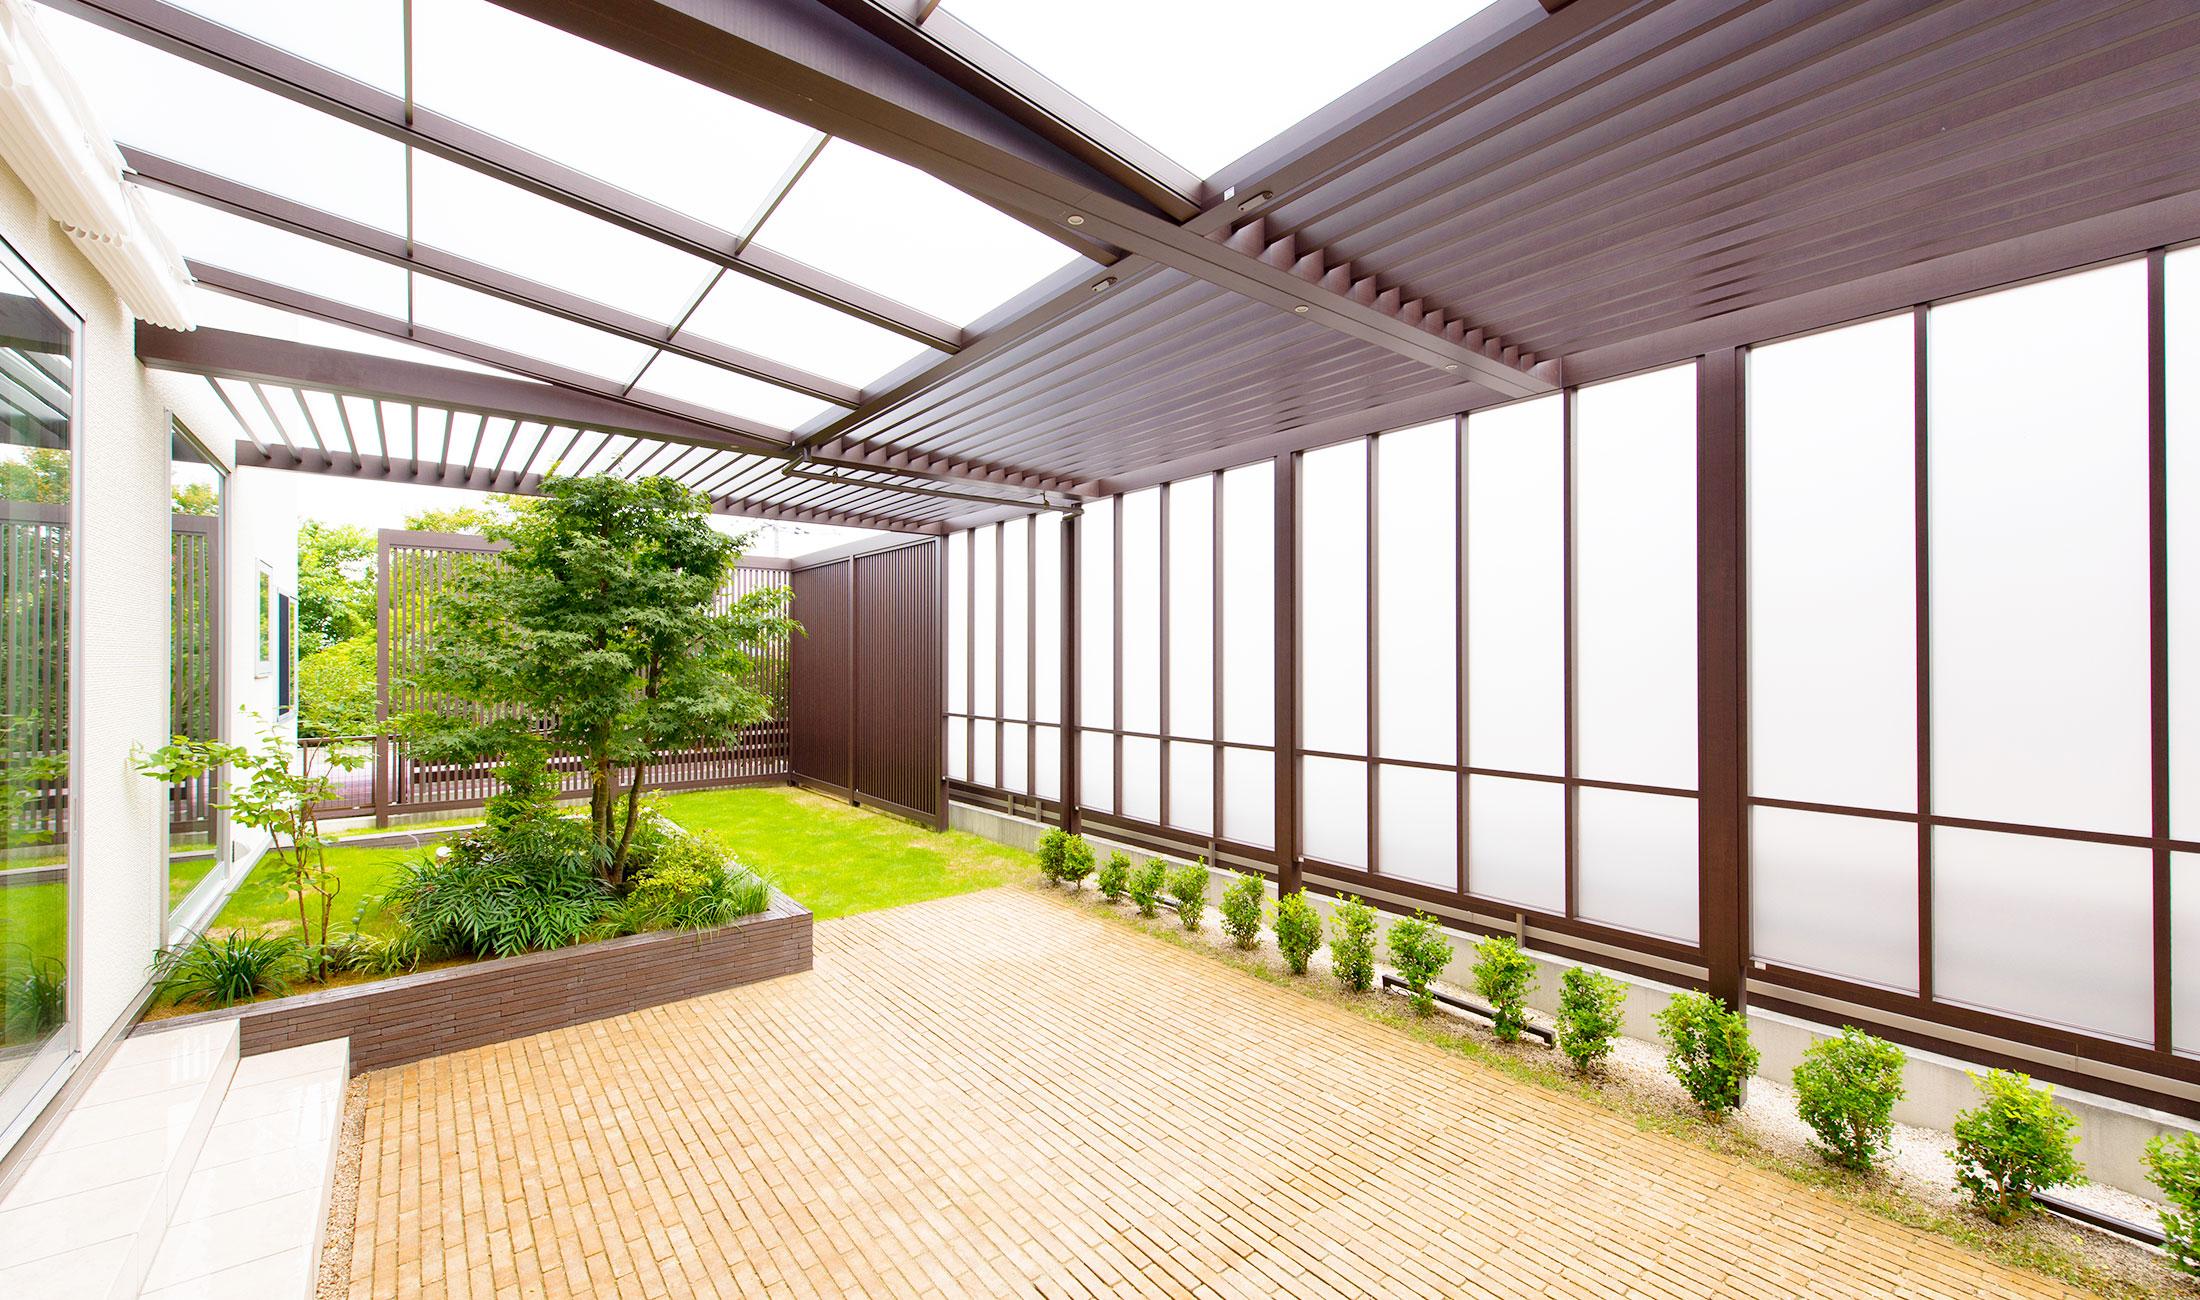 ライフスタイルの幅が広がるガーデンリフォーム|エクステリアリフォーム施工事例